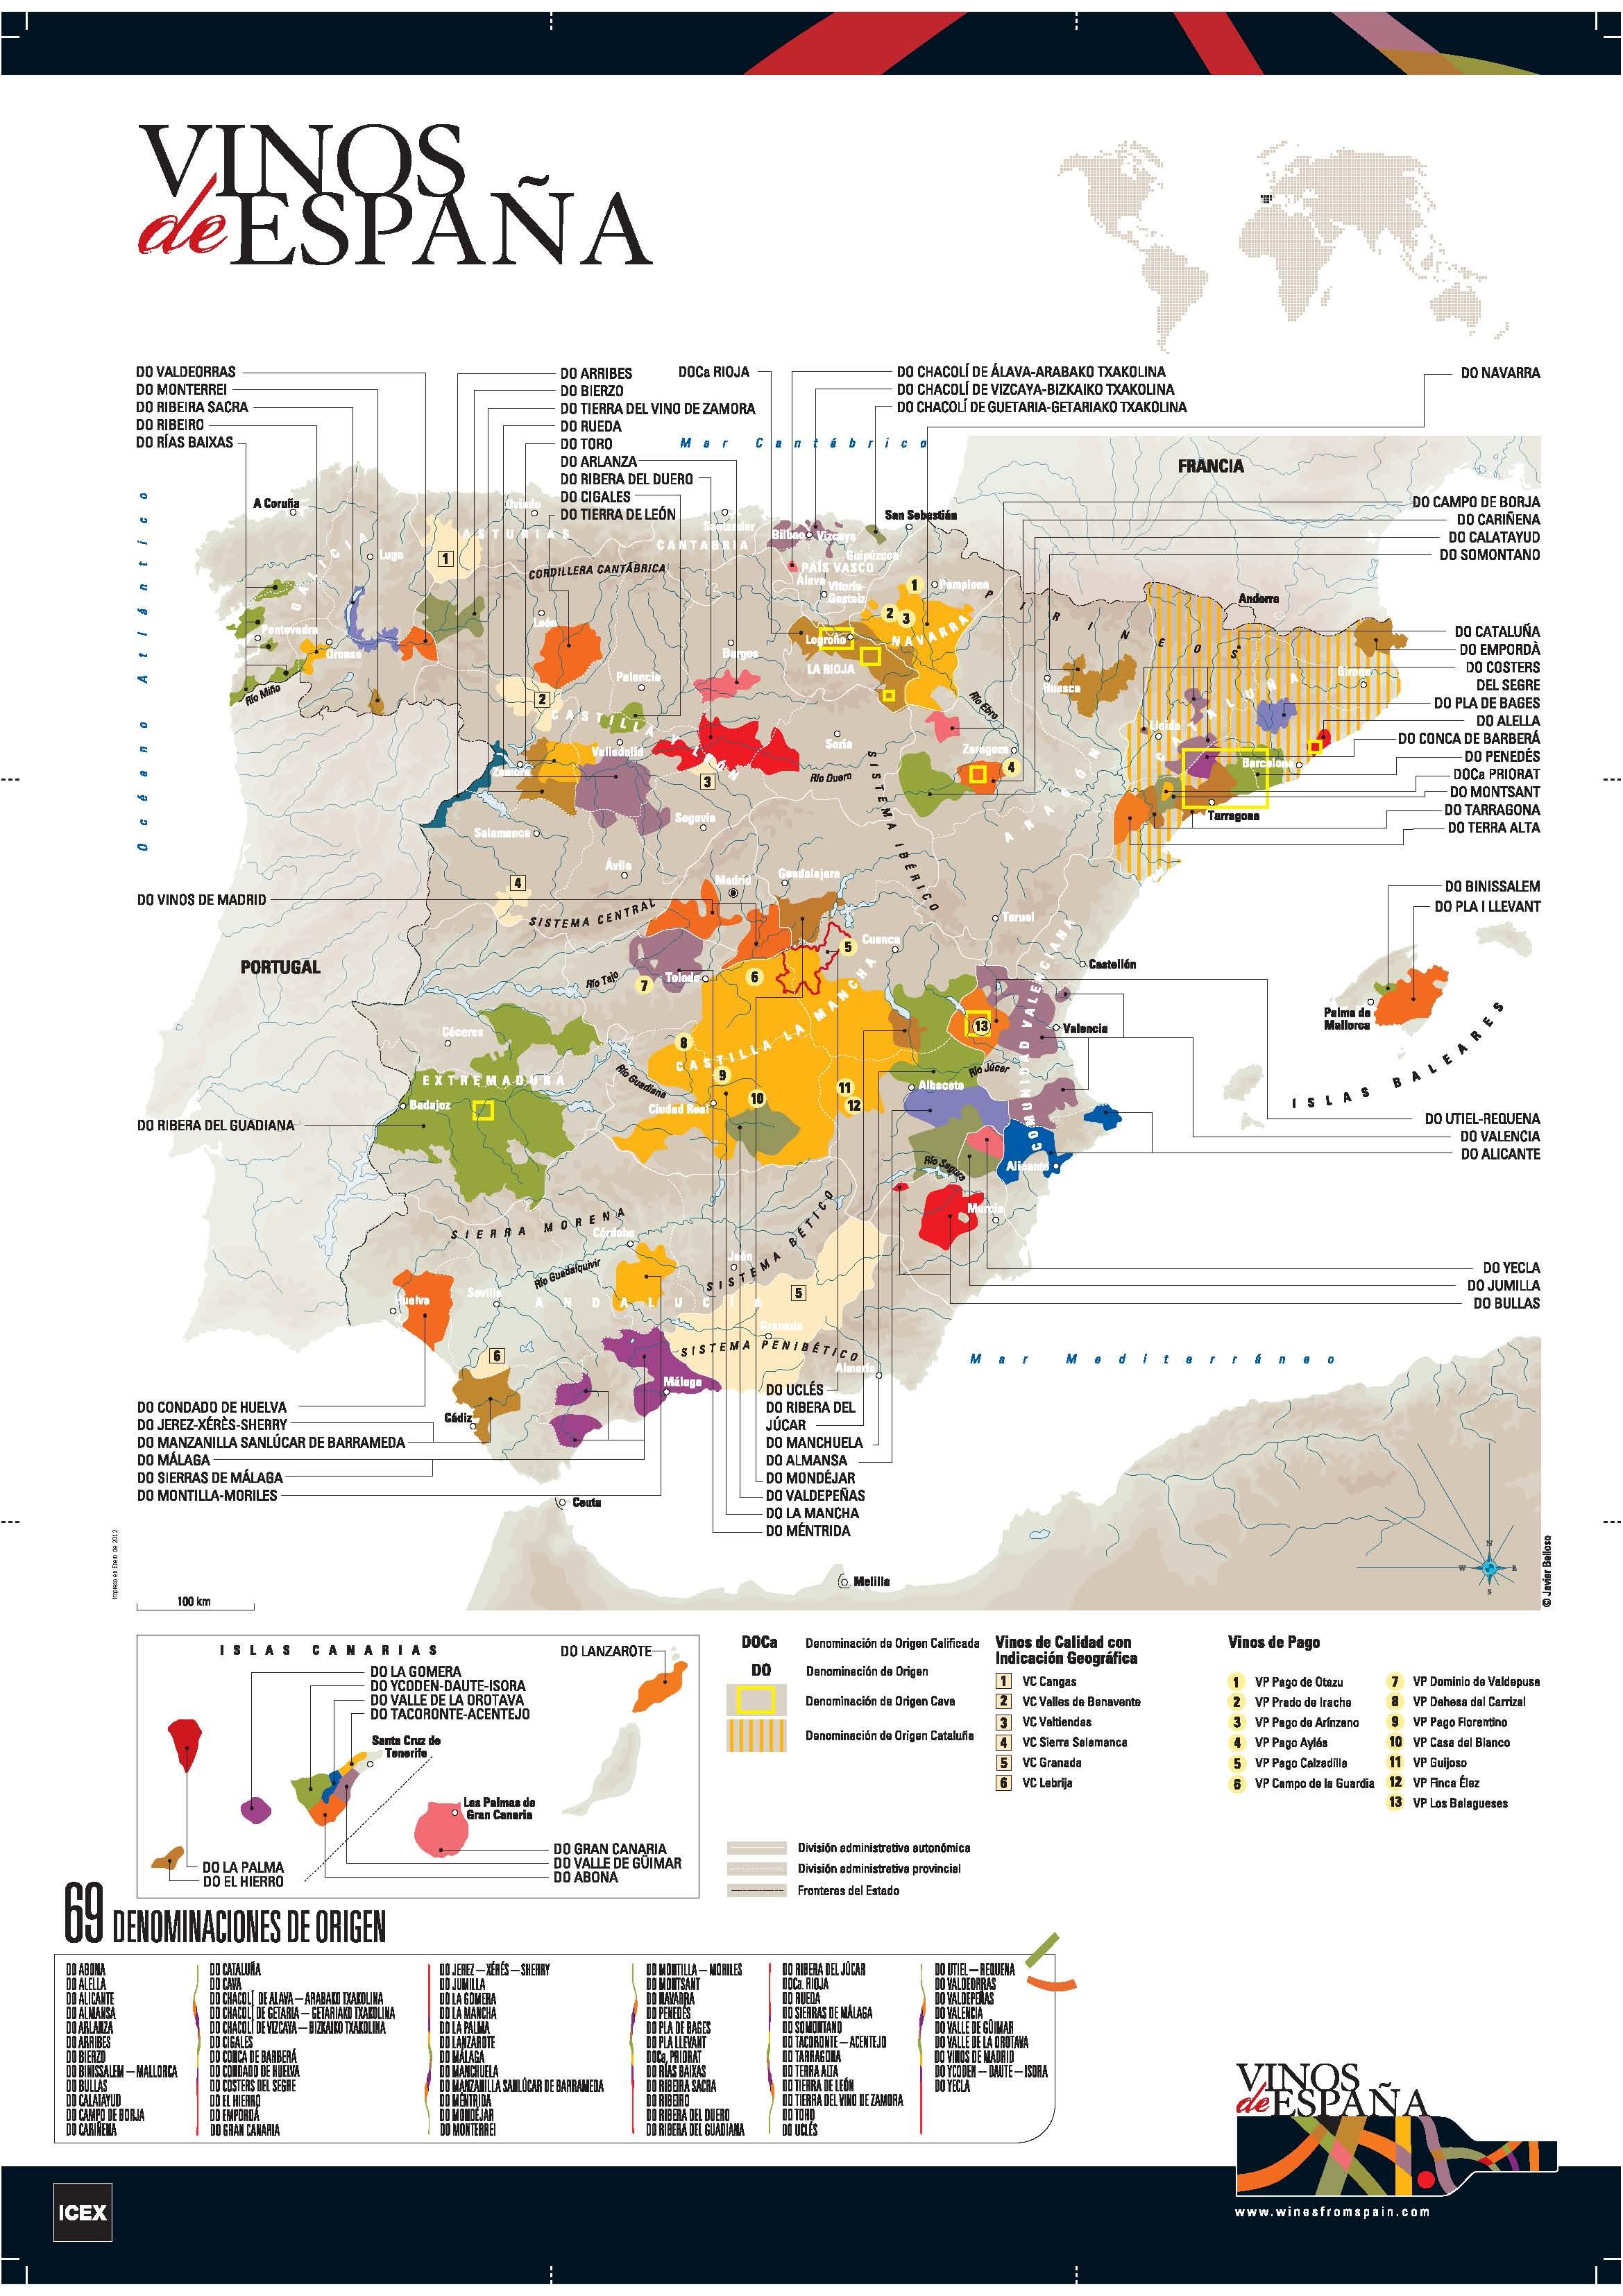 Mapa-de-denominación-de-origen-de-los-vinos-de-España-2011